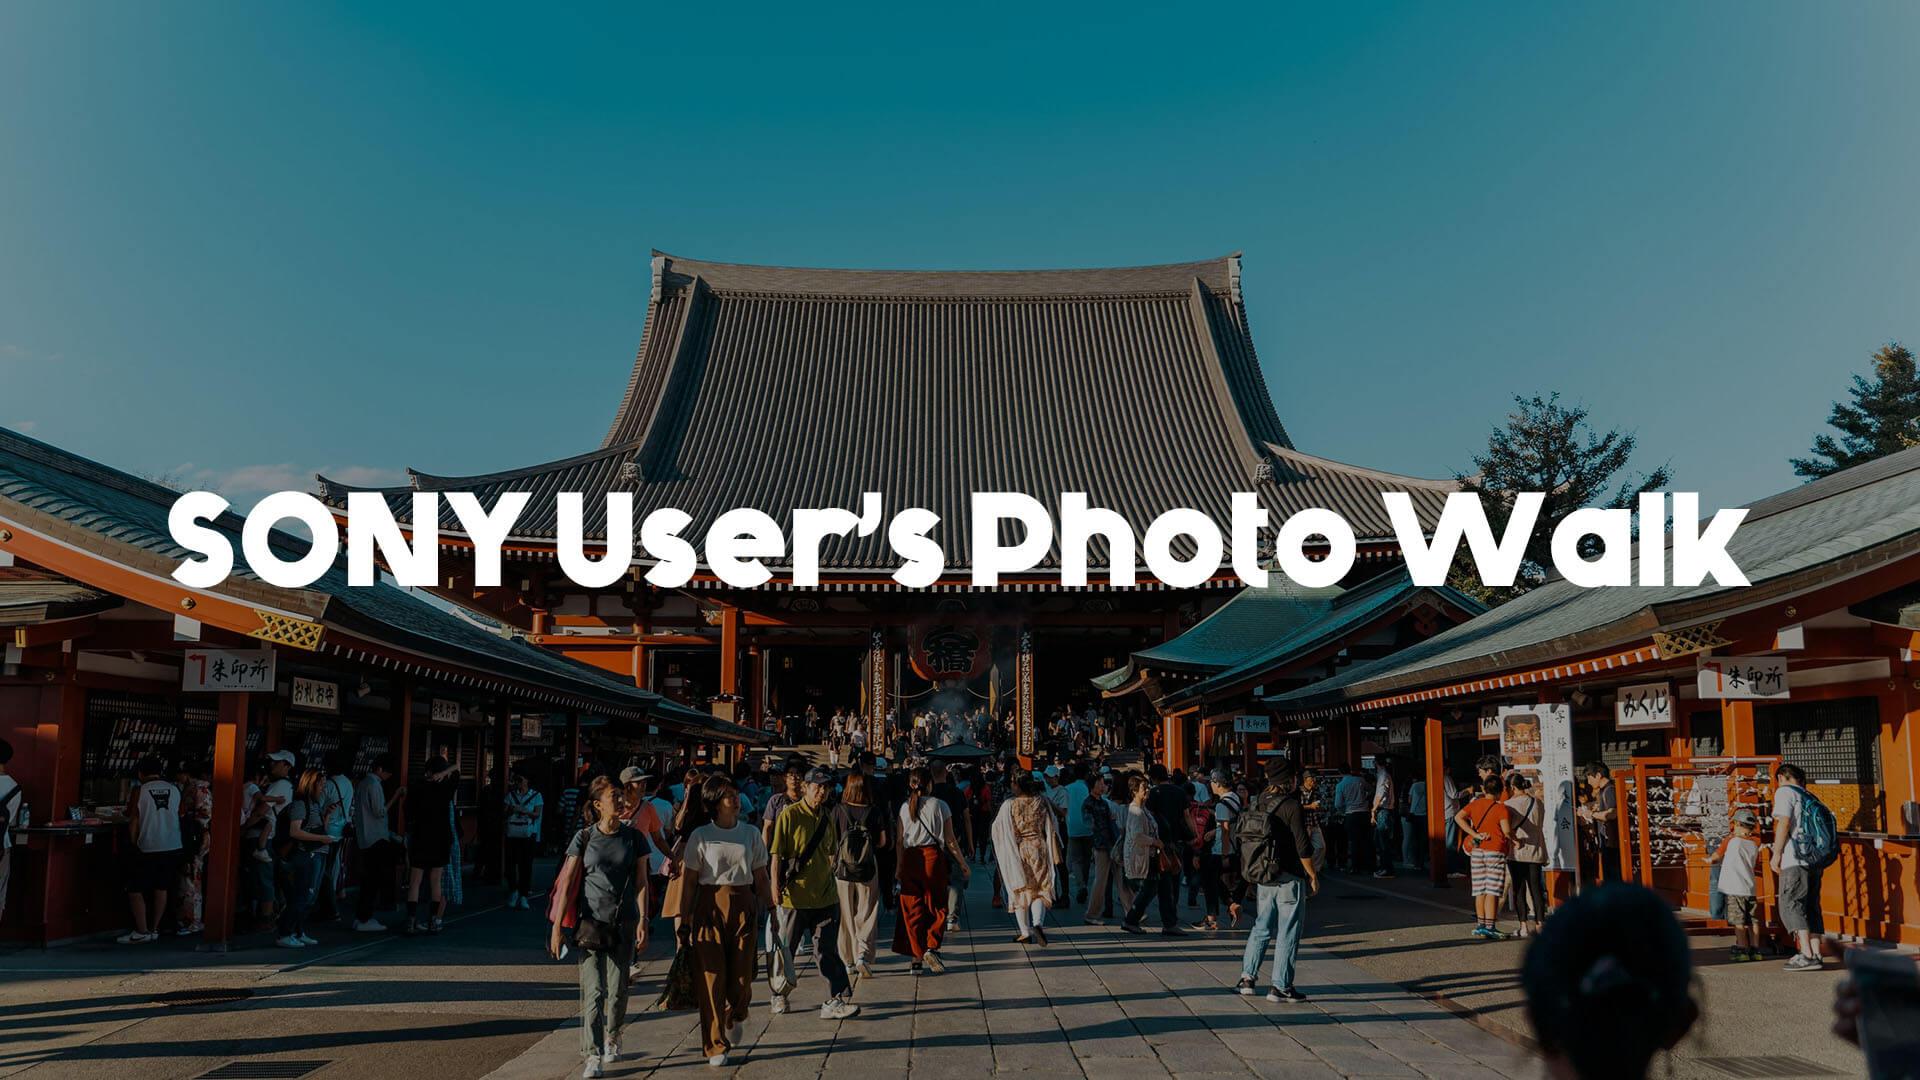 【SONYユーザーでフォトウォークしようぜ!】3/21(木・祝)にフォトウォークイベントを開催します!